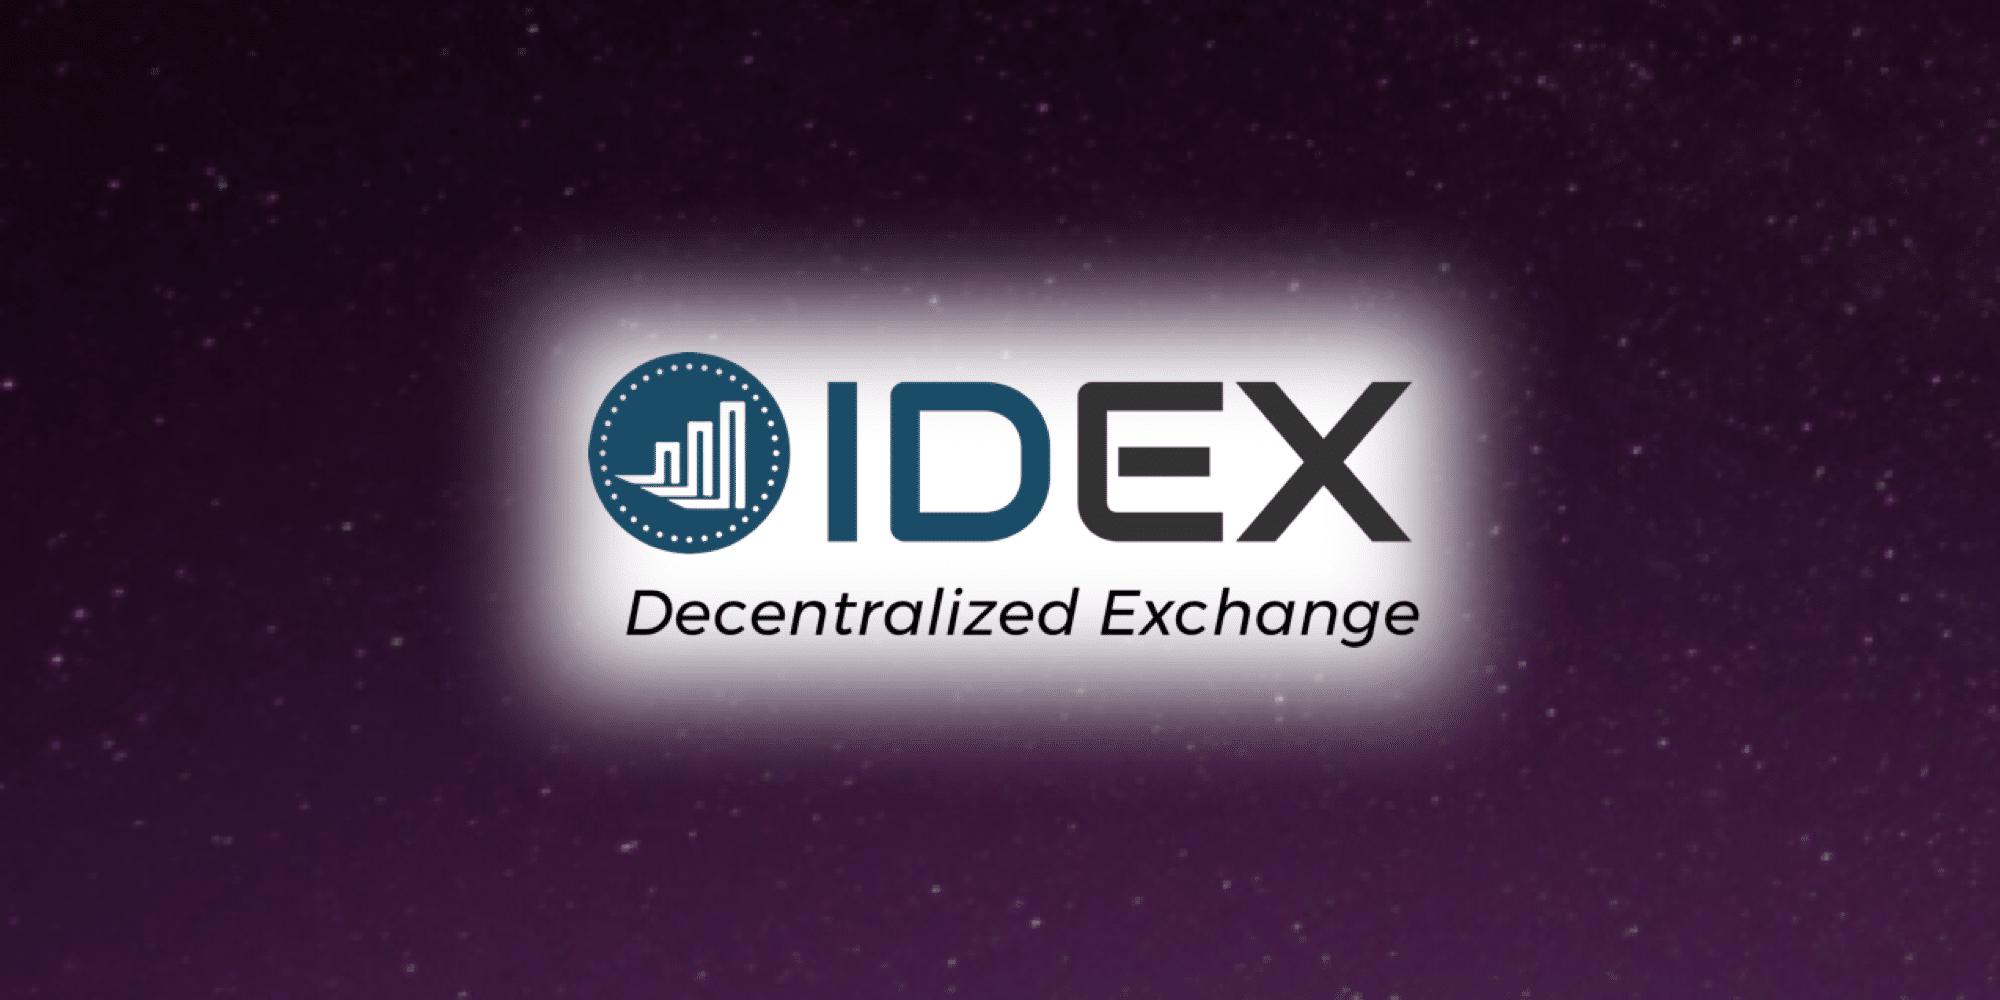 IDEX/ IDEX